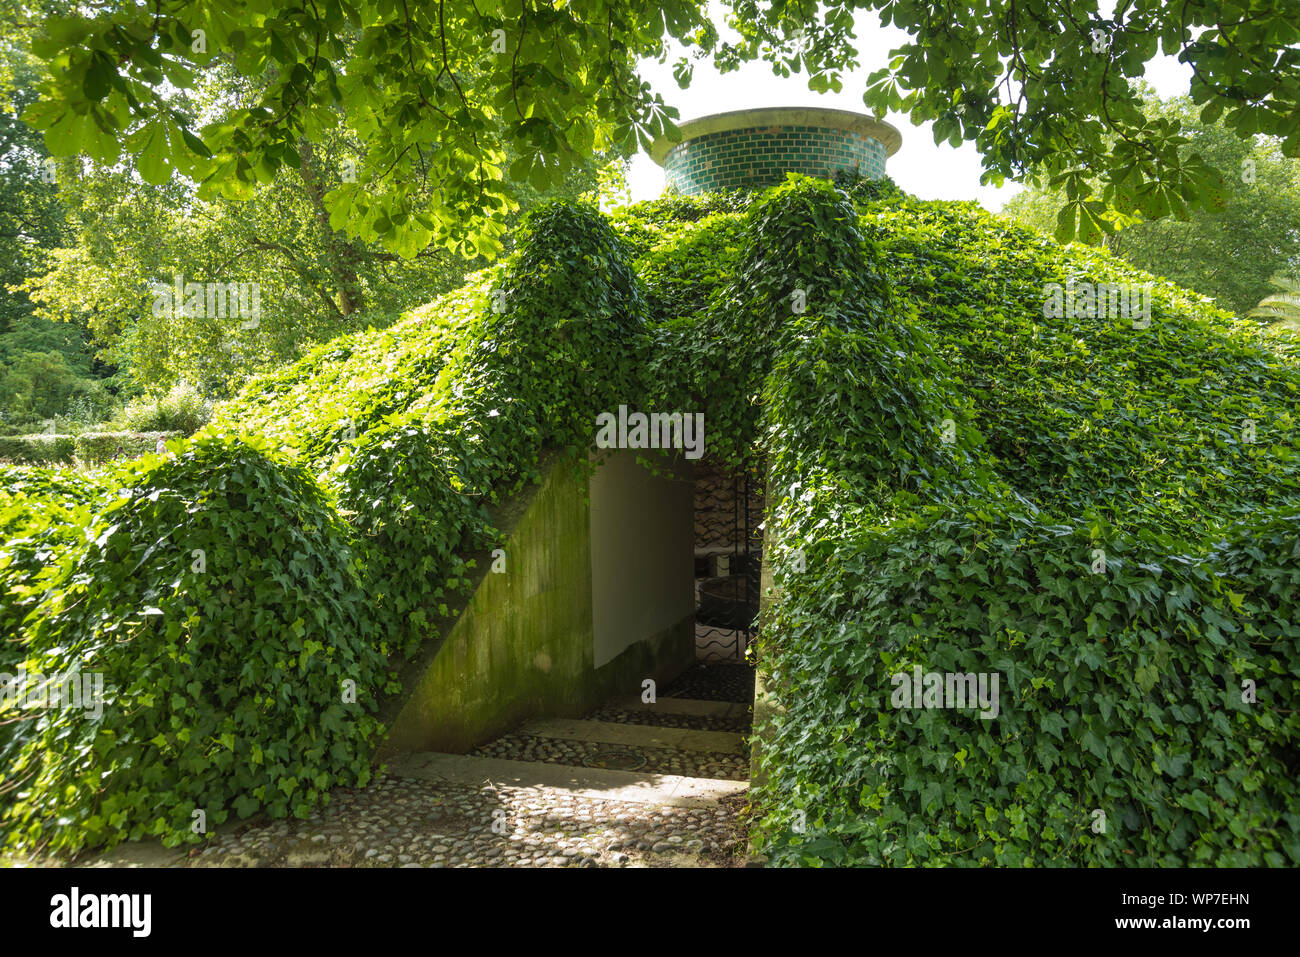 Paris, Park von Bercy - Paris, Parc de Bercy Stock Photo